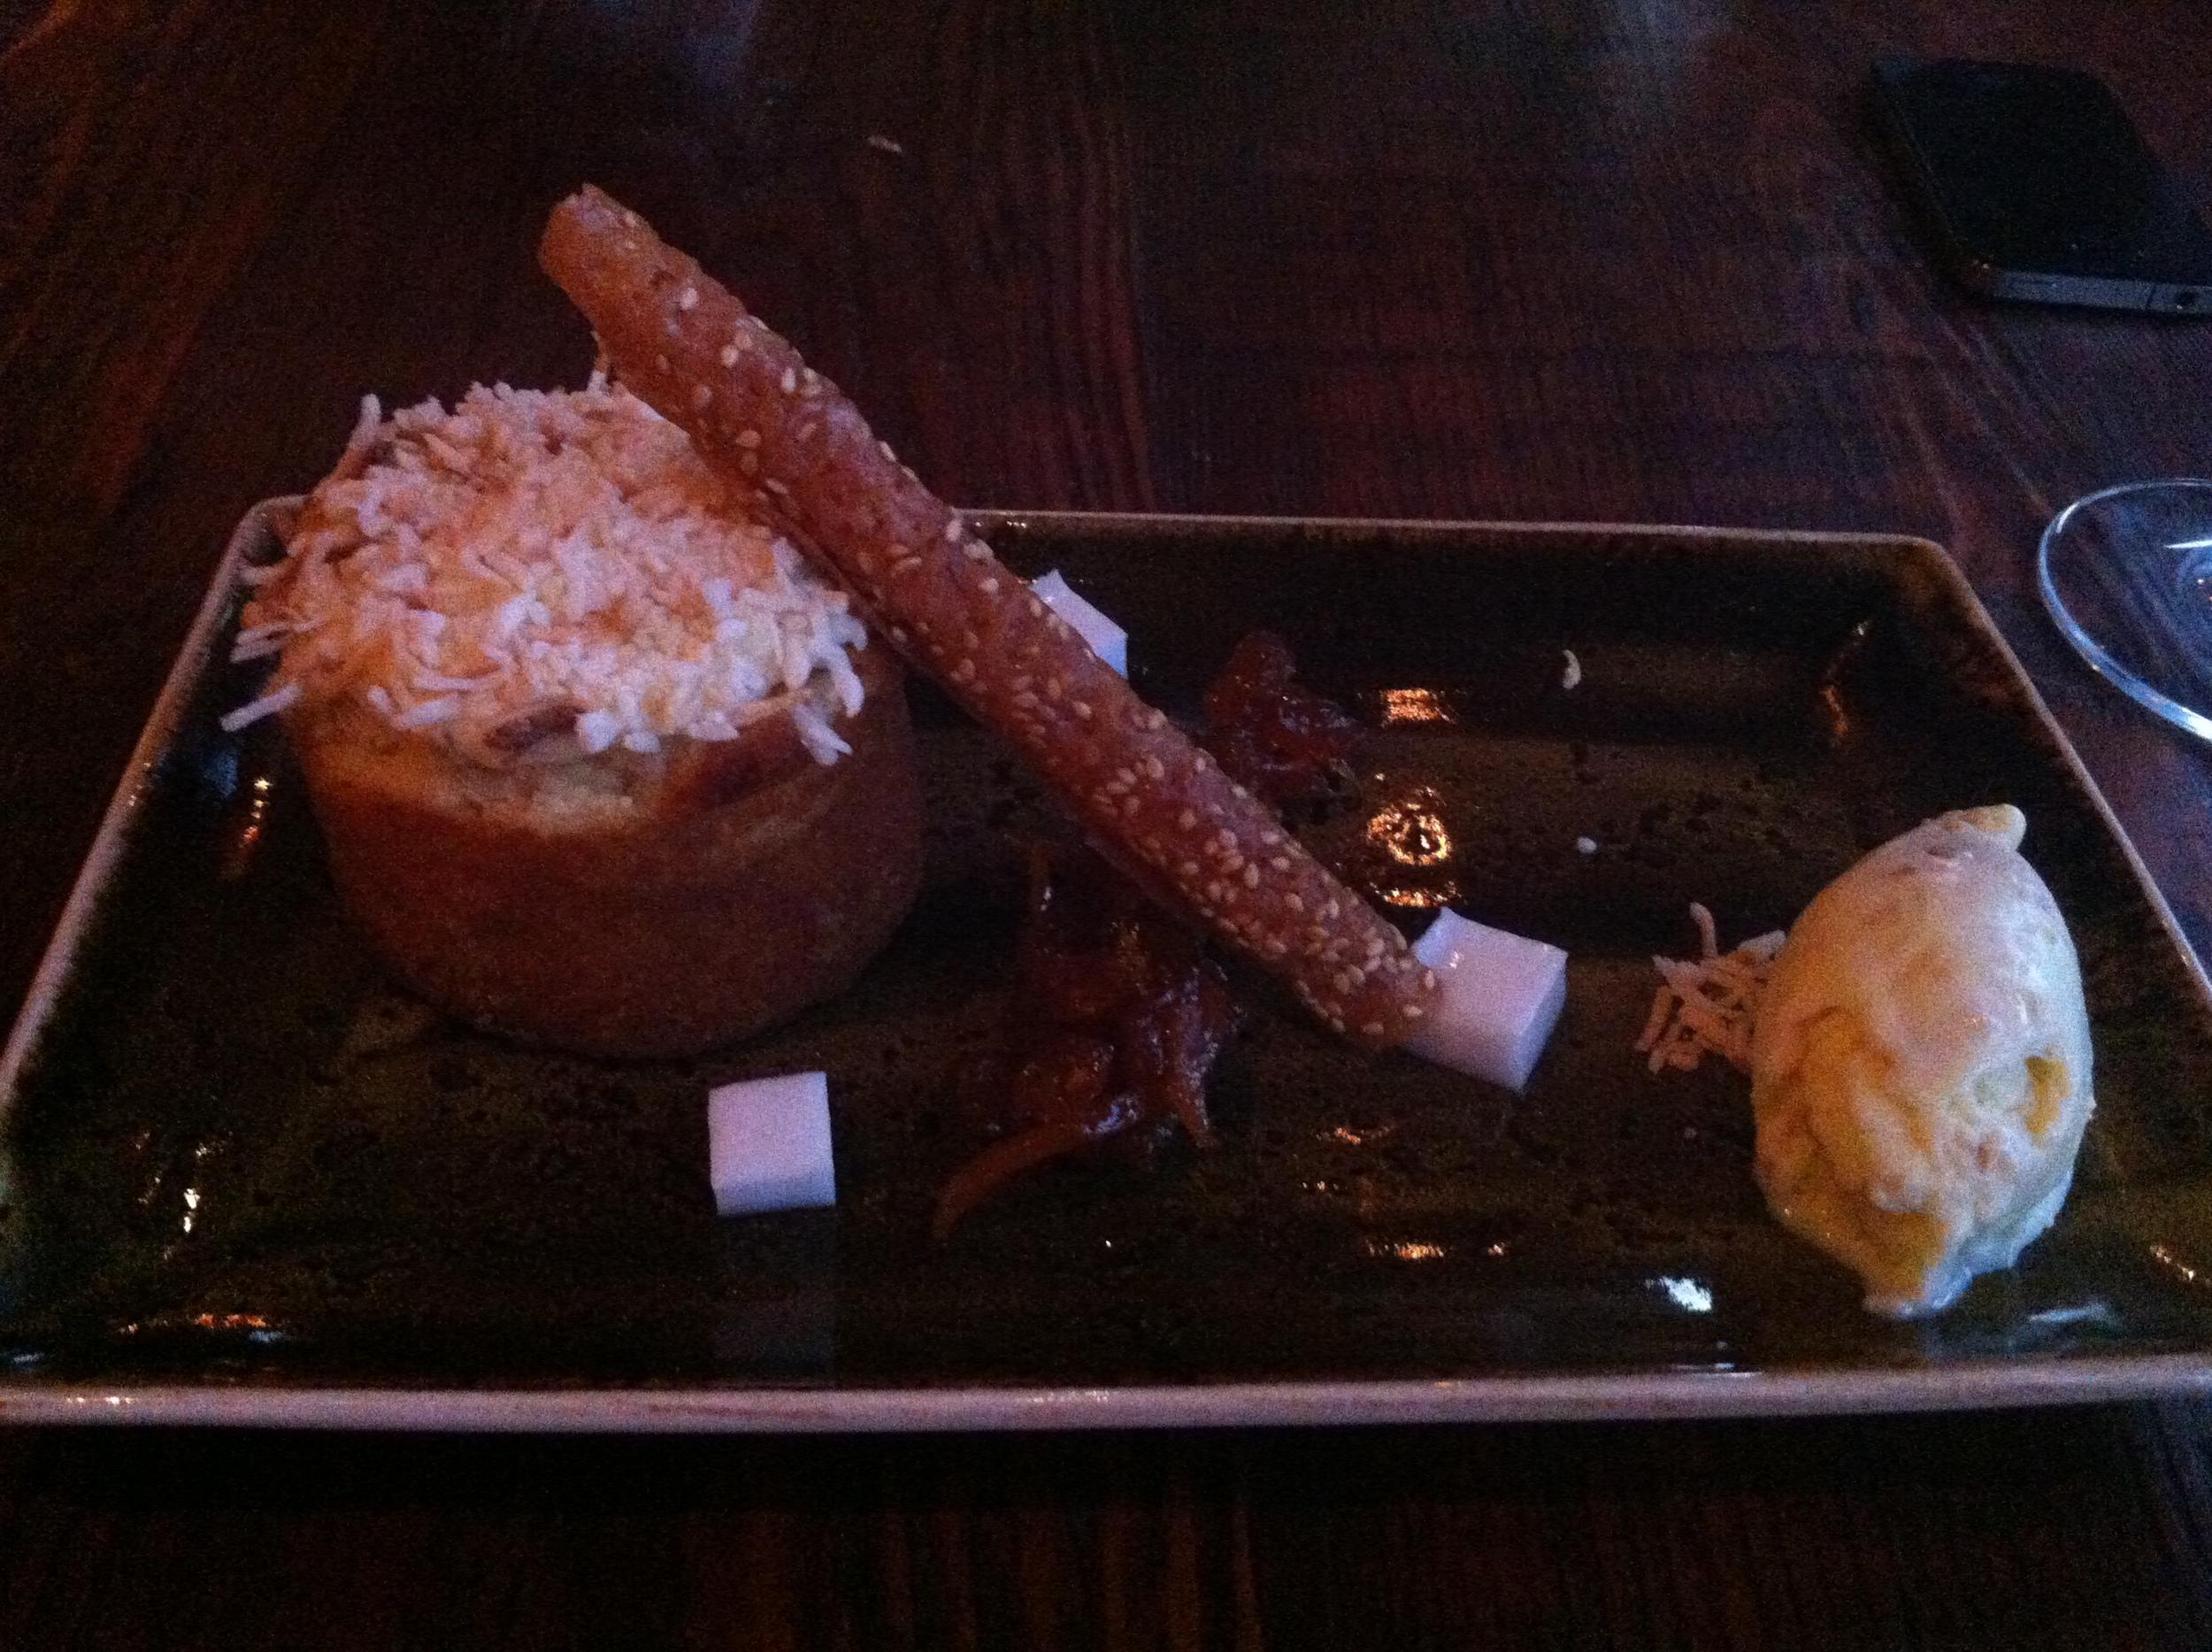 Coconut Cake   :Bolo de côco com  chutney  de abacaxi e gengibre, telha de côco e sorvete de côco. Crocante e gelado, com a picância das especiarias e dulçor misturados perfeitamente!